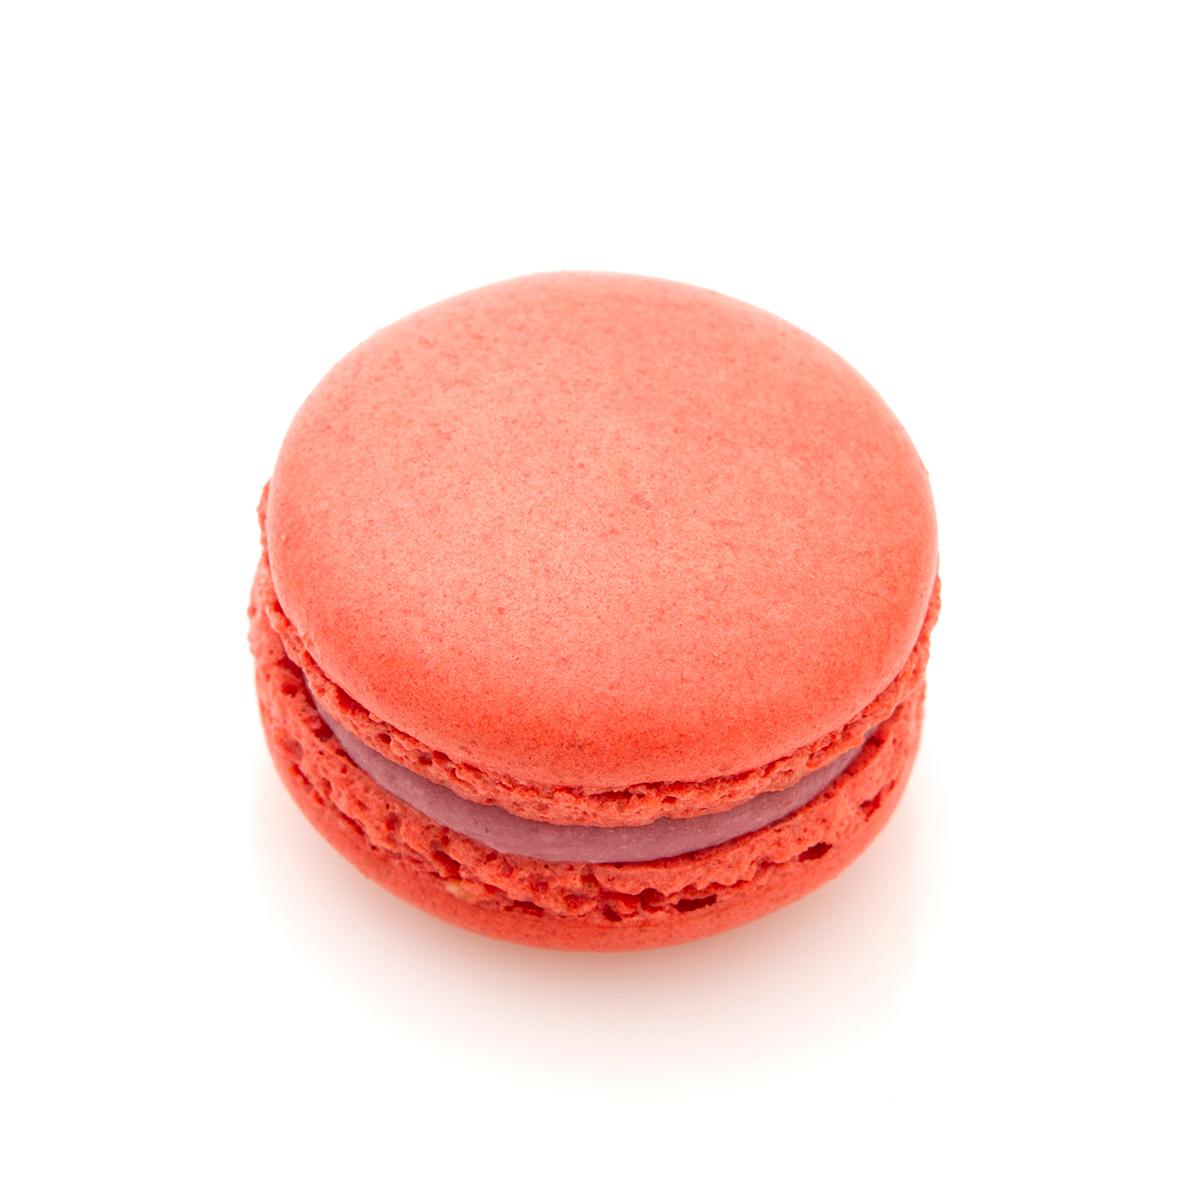 Macaronframboise